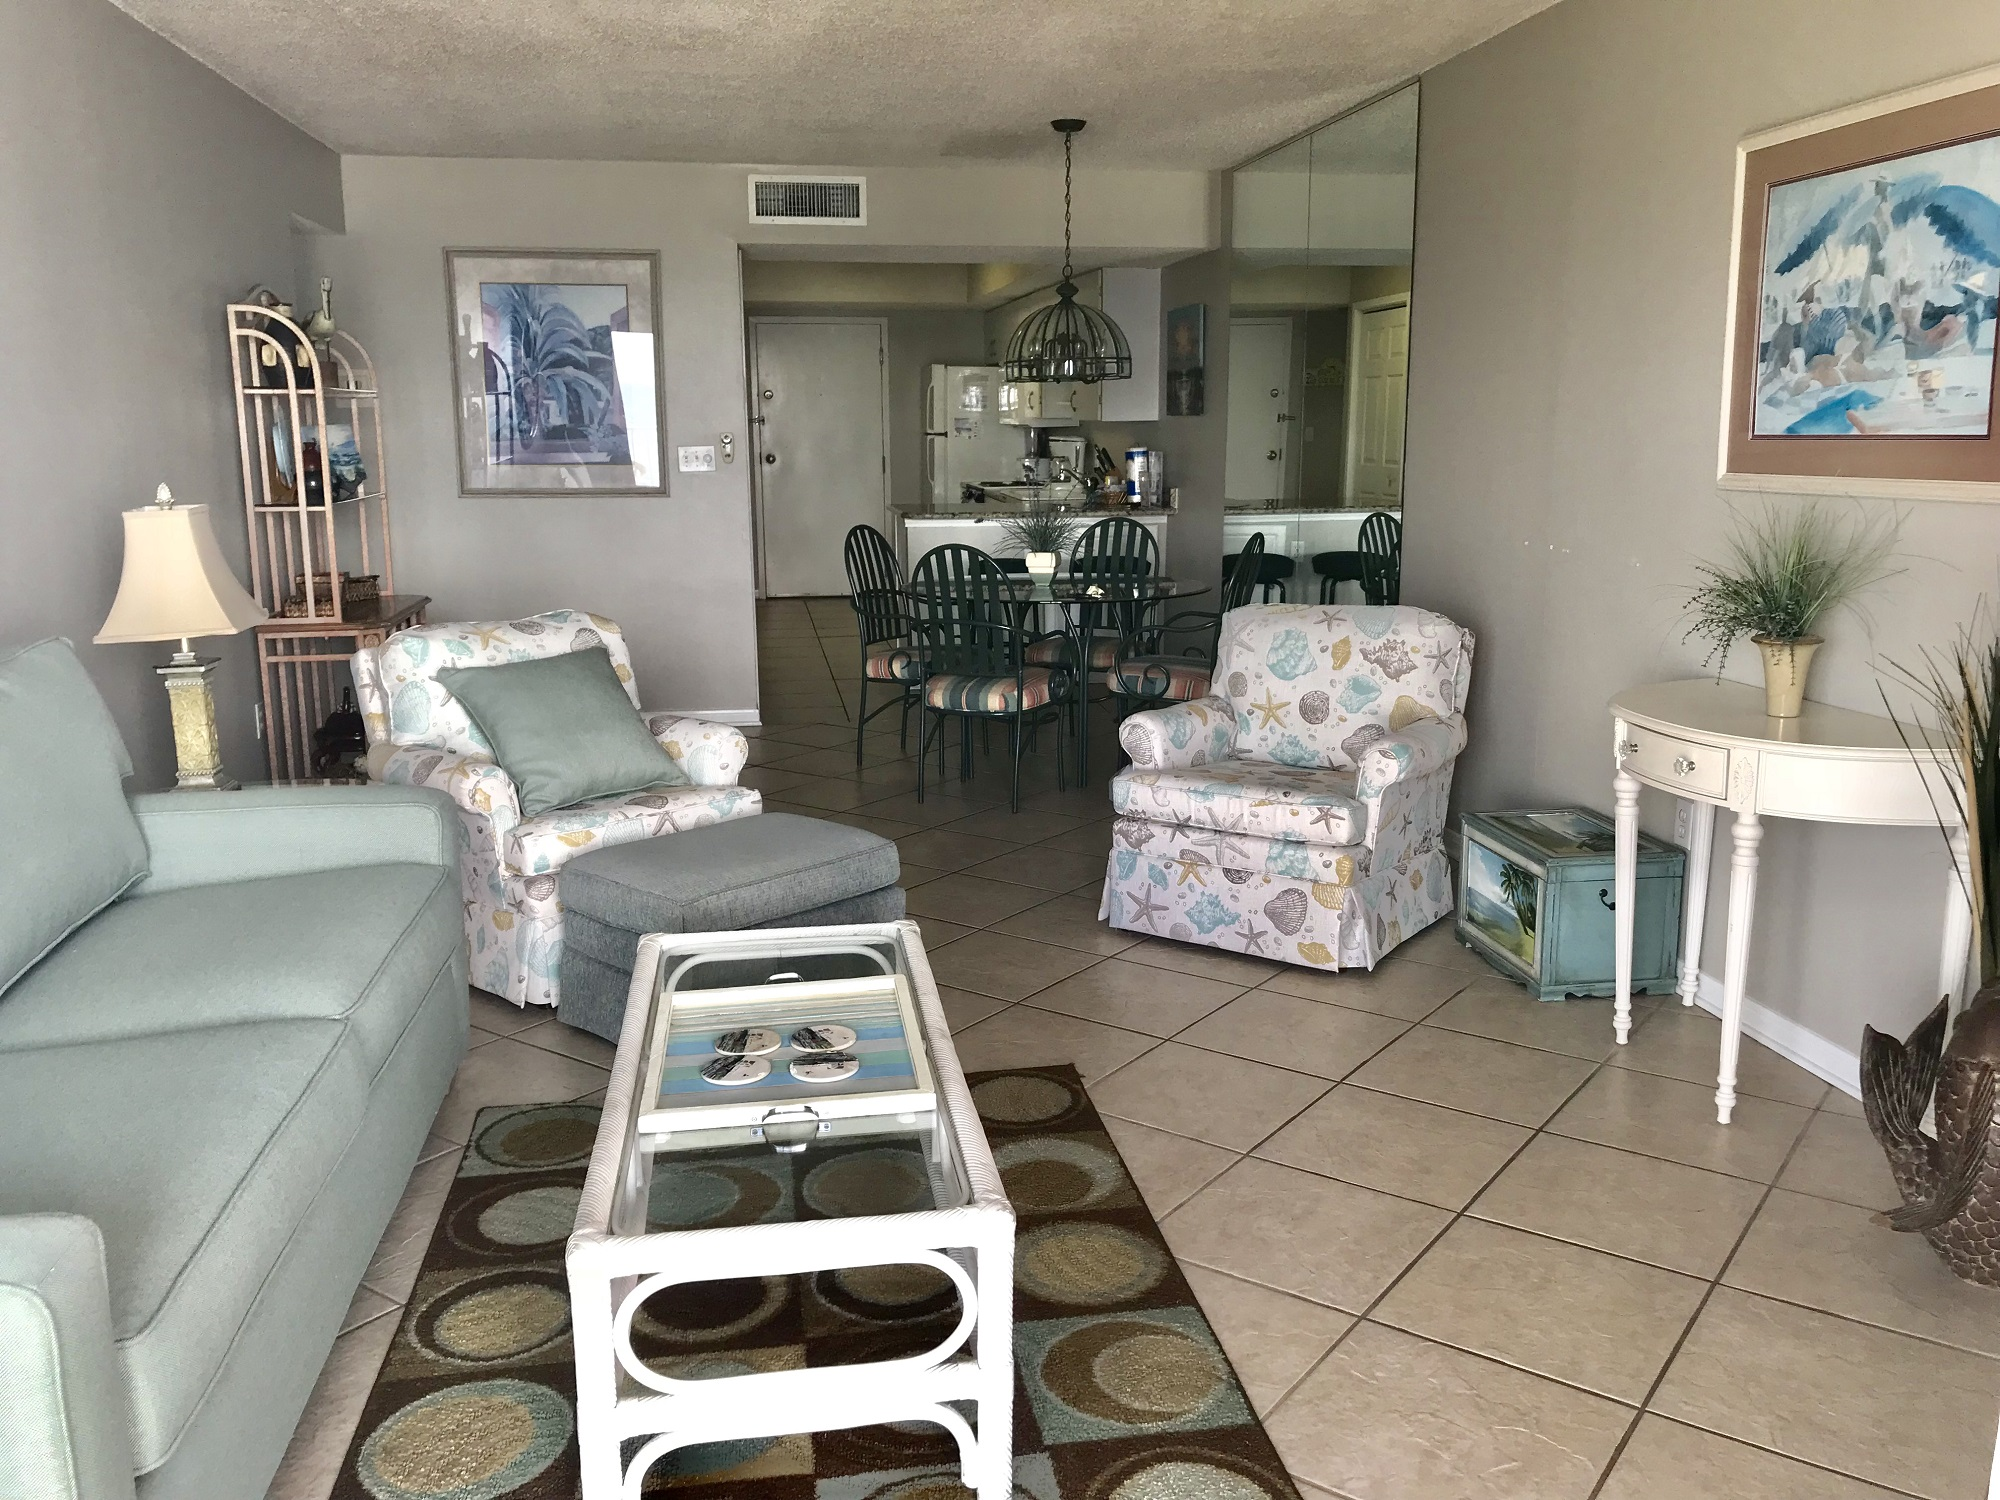 Ocean House 2302 Condo rental in Ocean House - Gulf Shores in Gulf Shores Alabama - #3